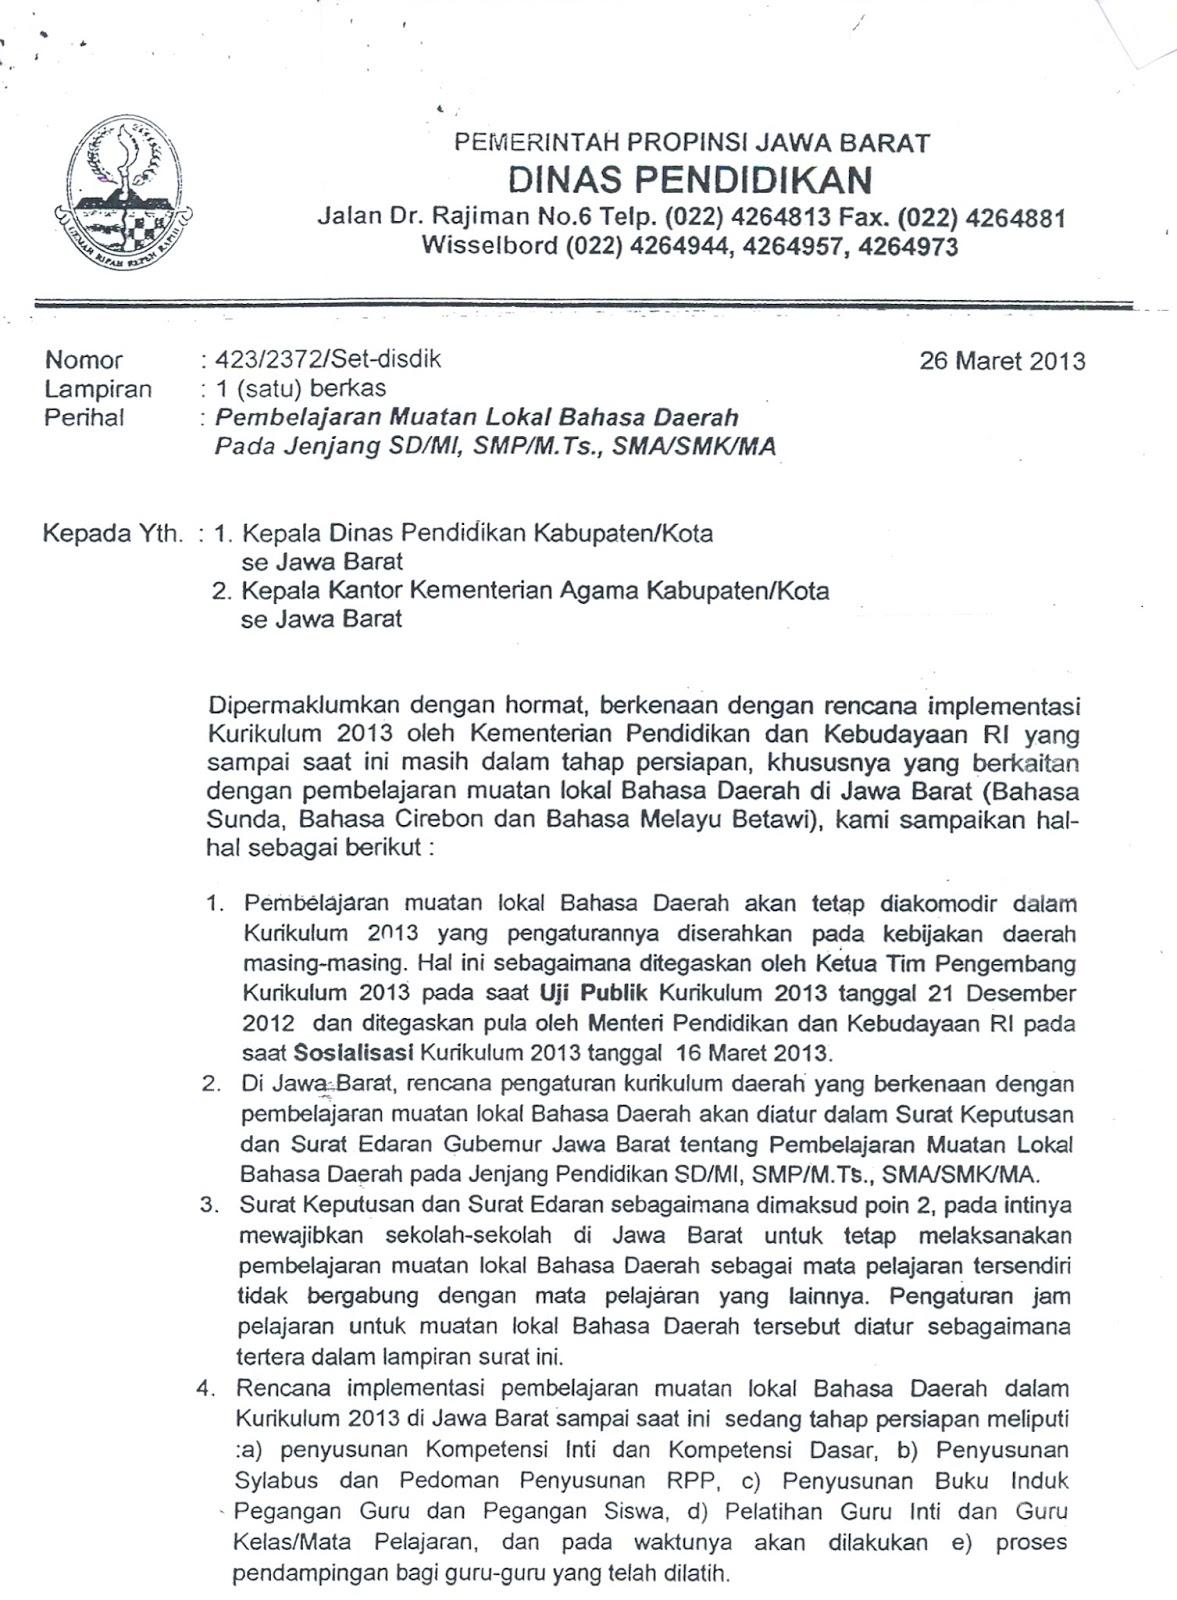 Musyawarah Kerja Kepala Smk Kota Bandung Surat Kepala Dinas